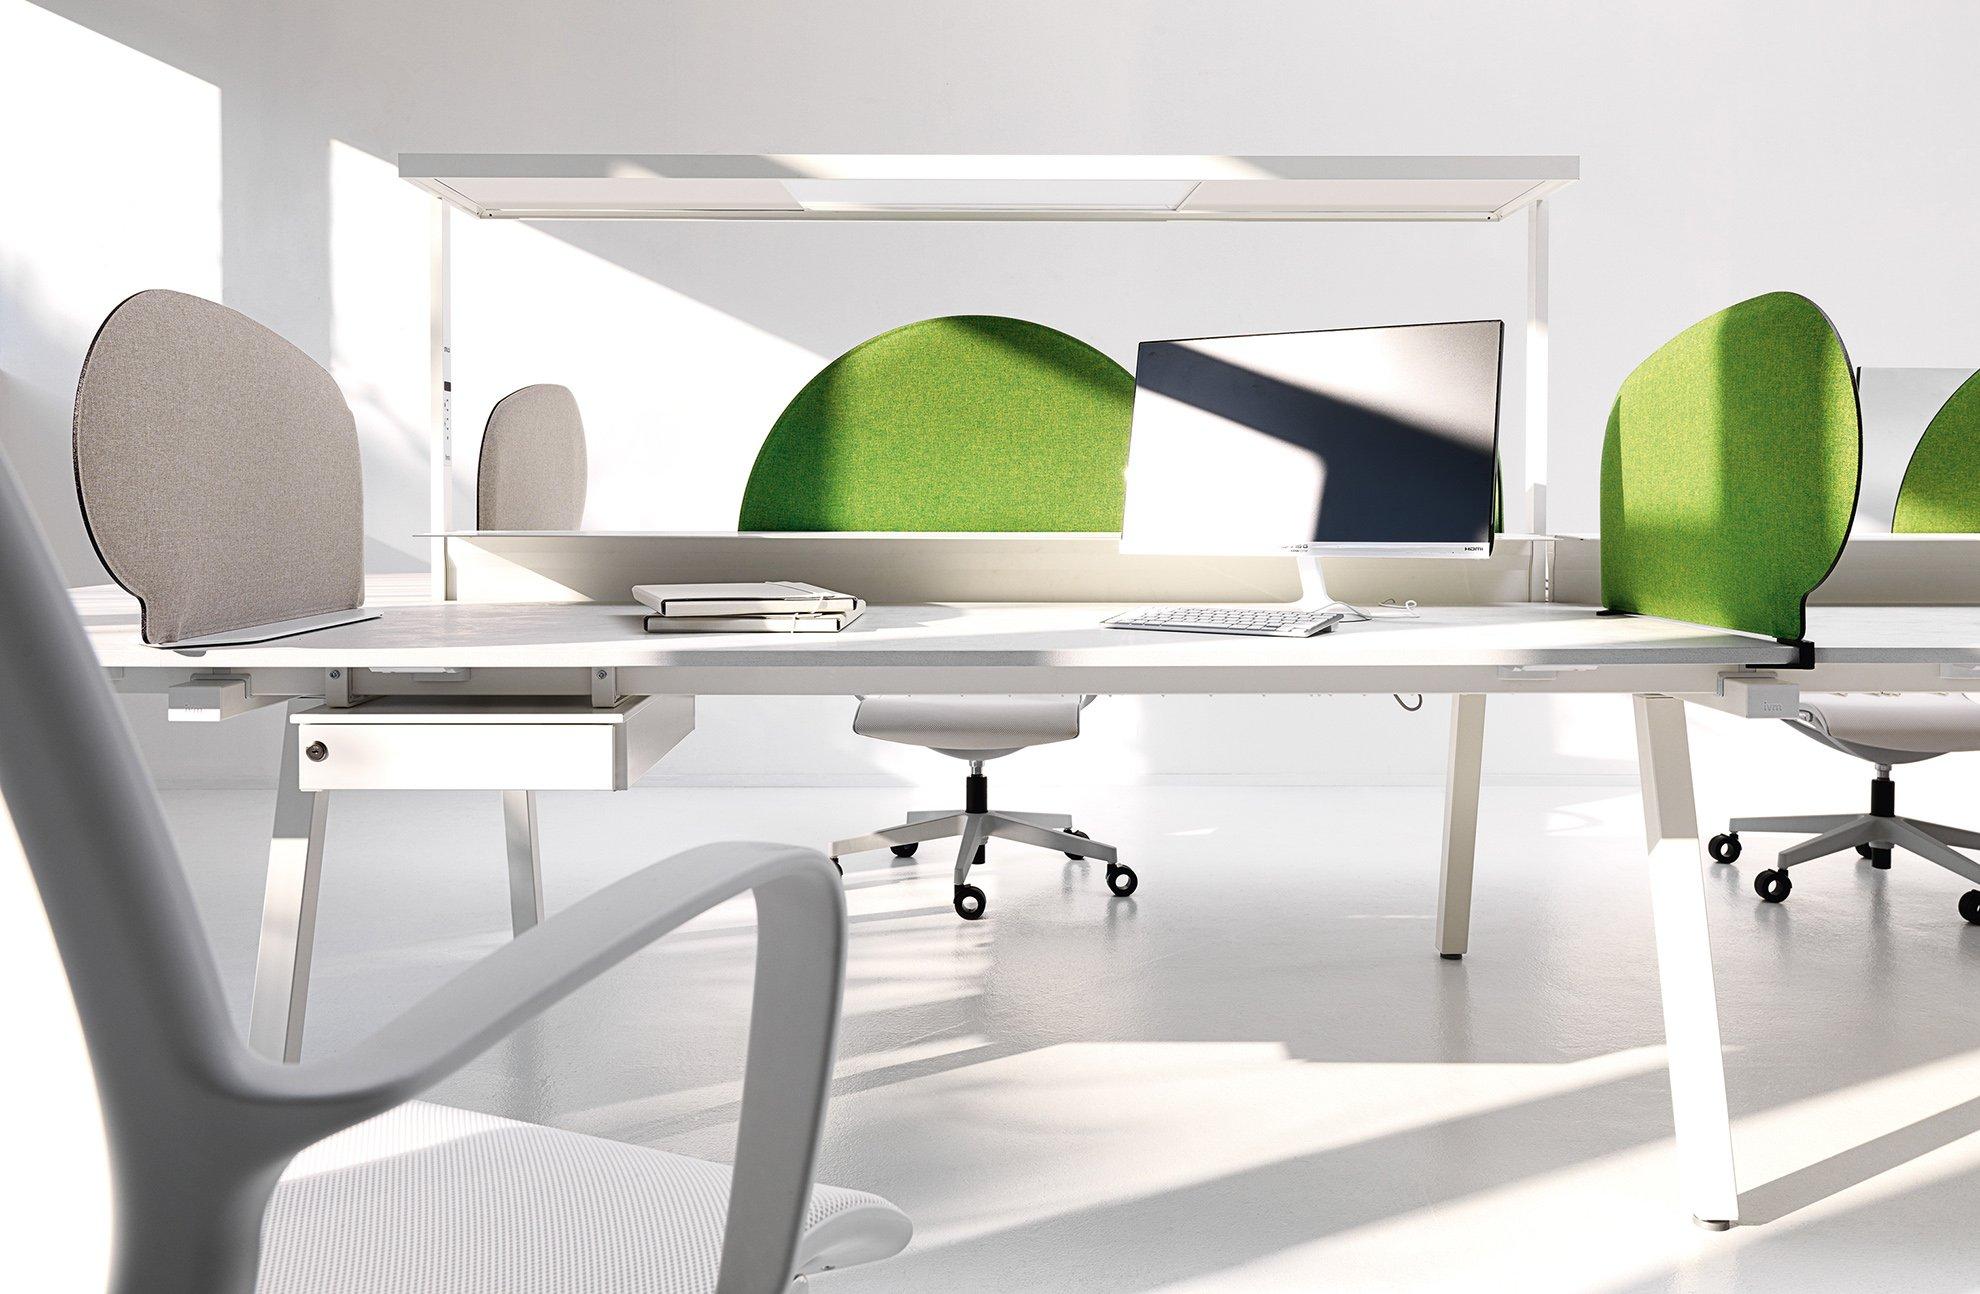 Arredo ufficio stilo mobili per ufficio - Mobili per ufficio ...